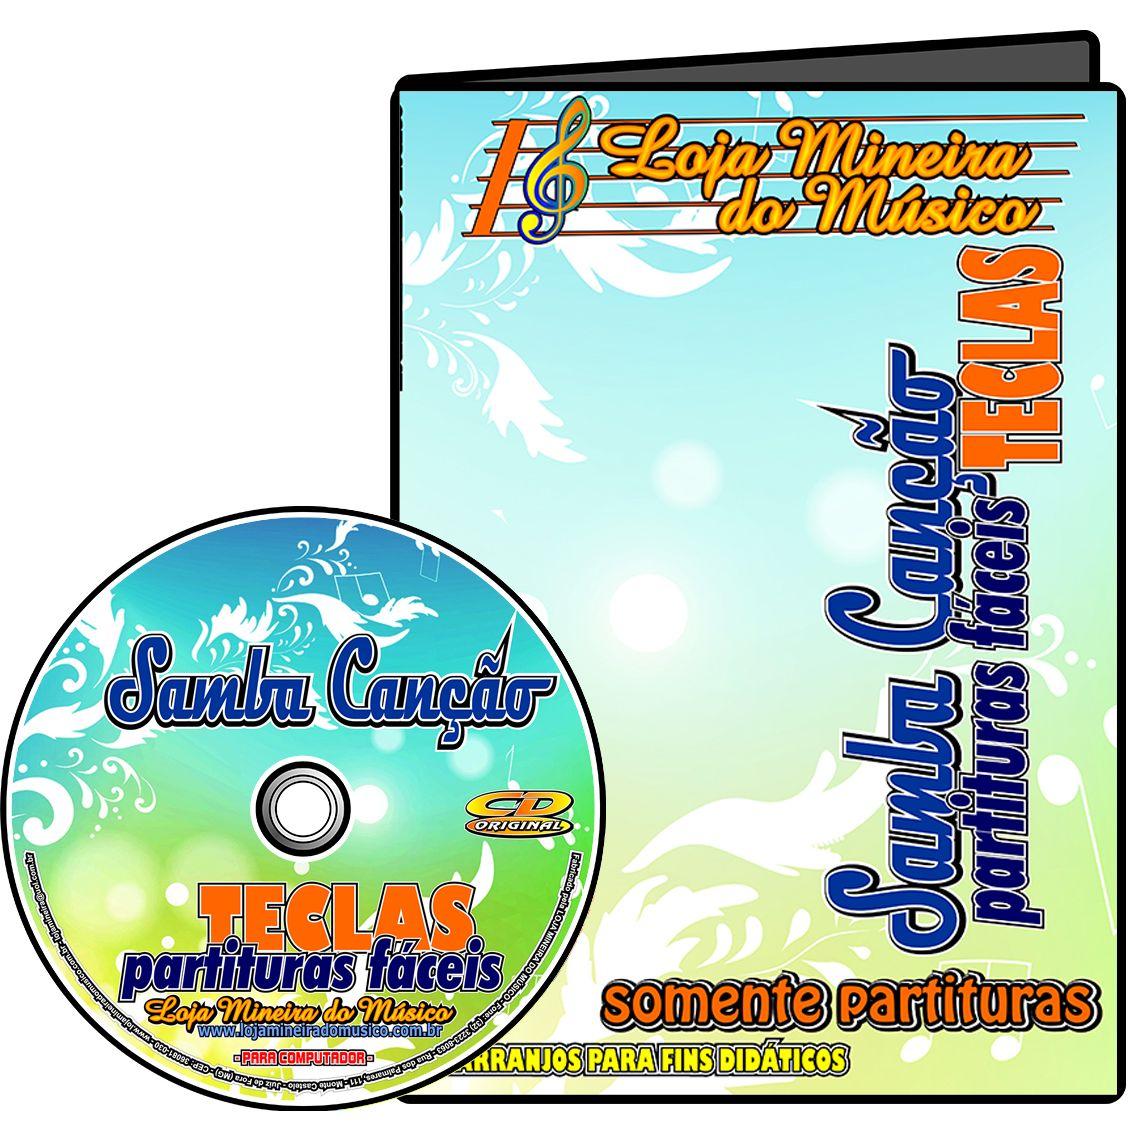 partituras de samba https://www.lojamineiradomusico.com.br